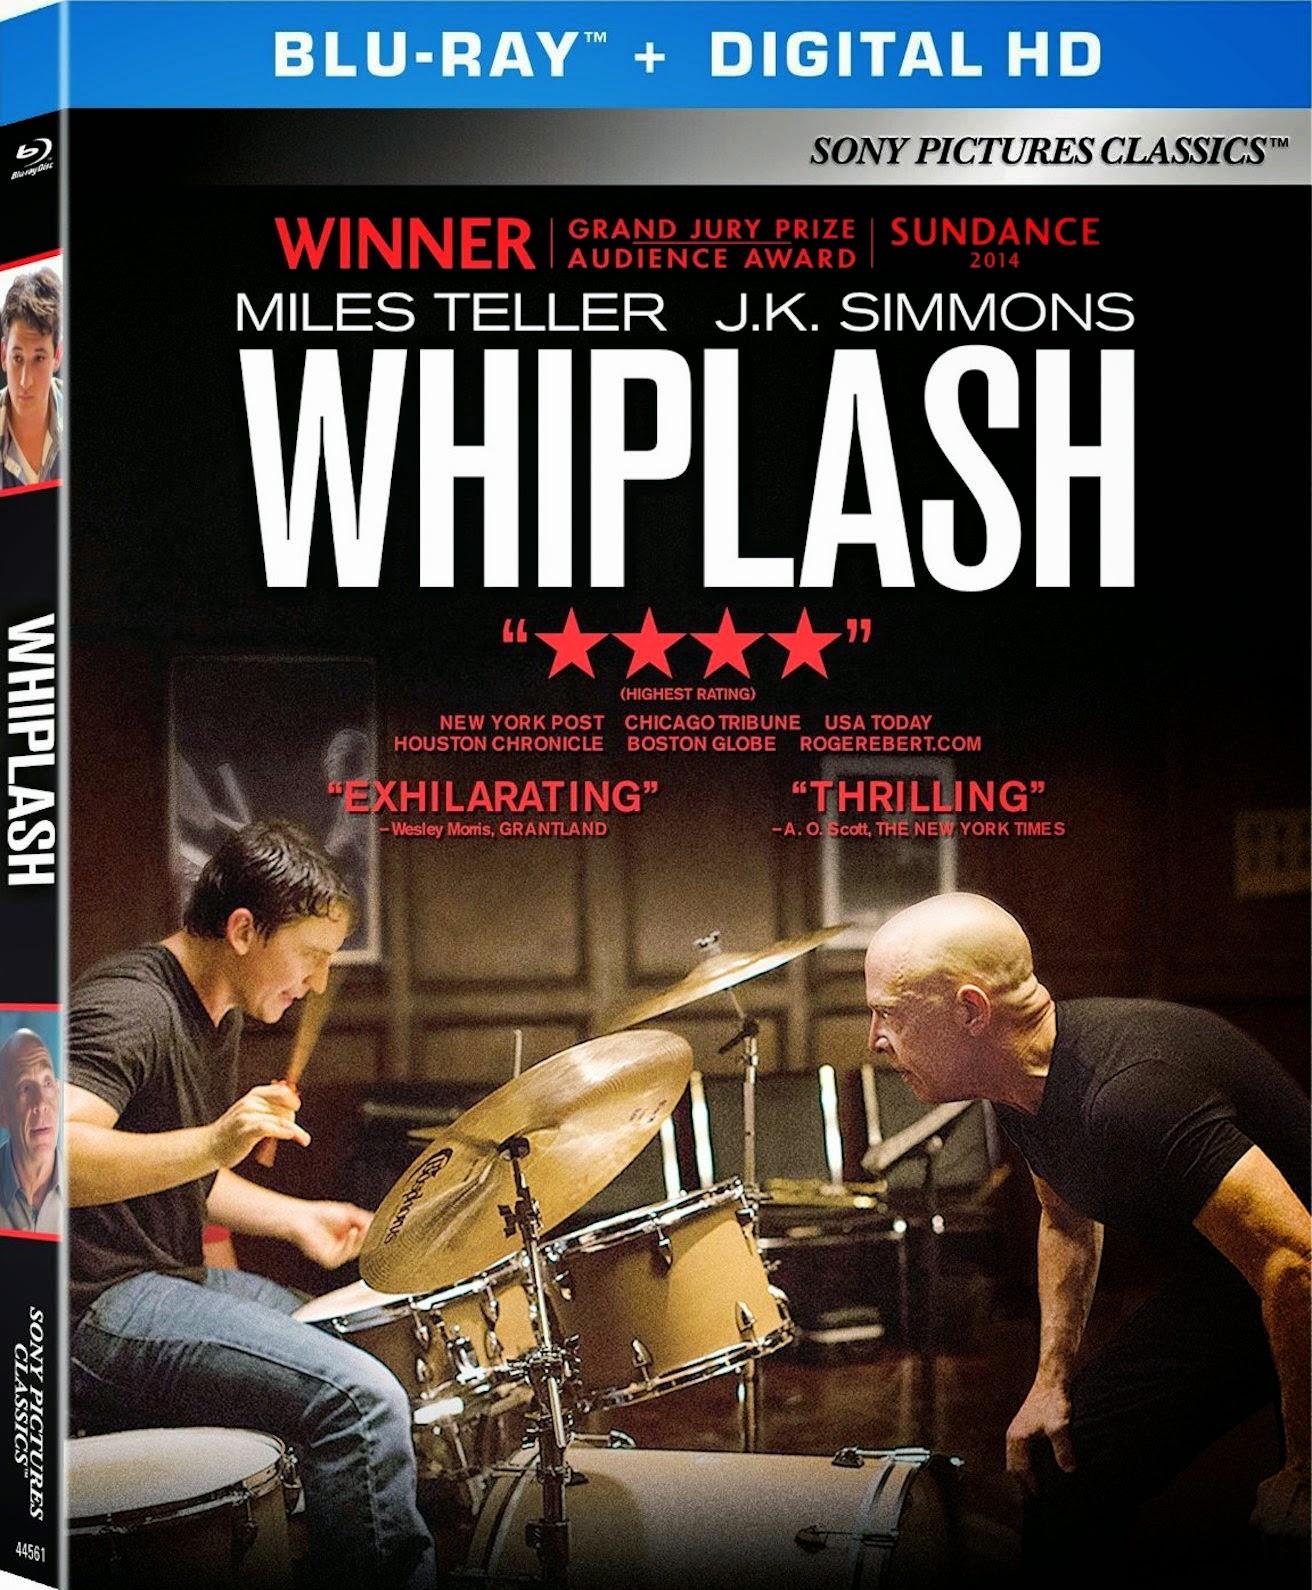 WhiplashMusica y Obsesion (2014) 1080p BD25 ESPAÑOL LATINO